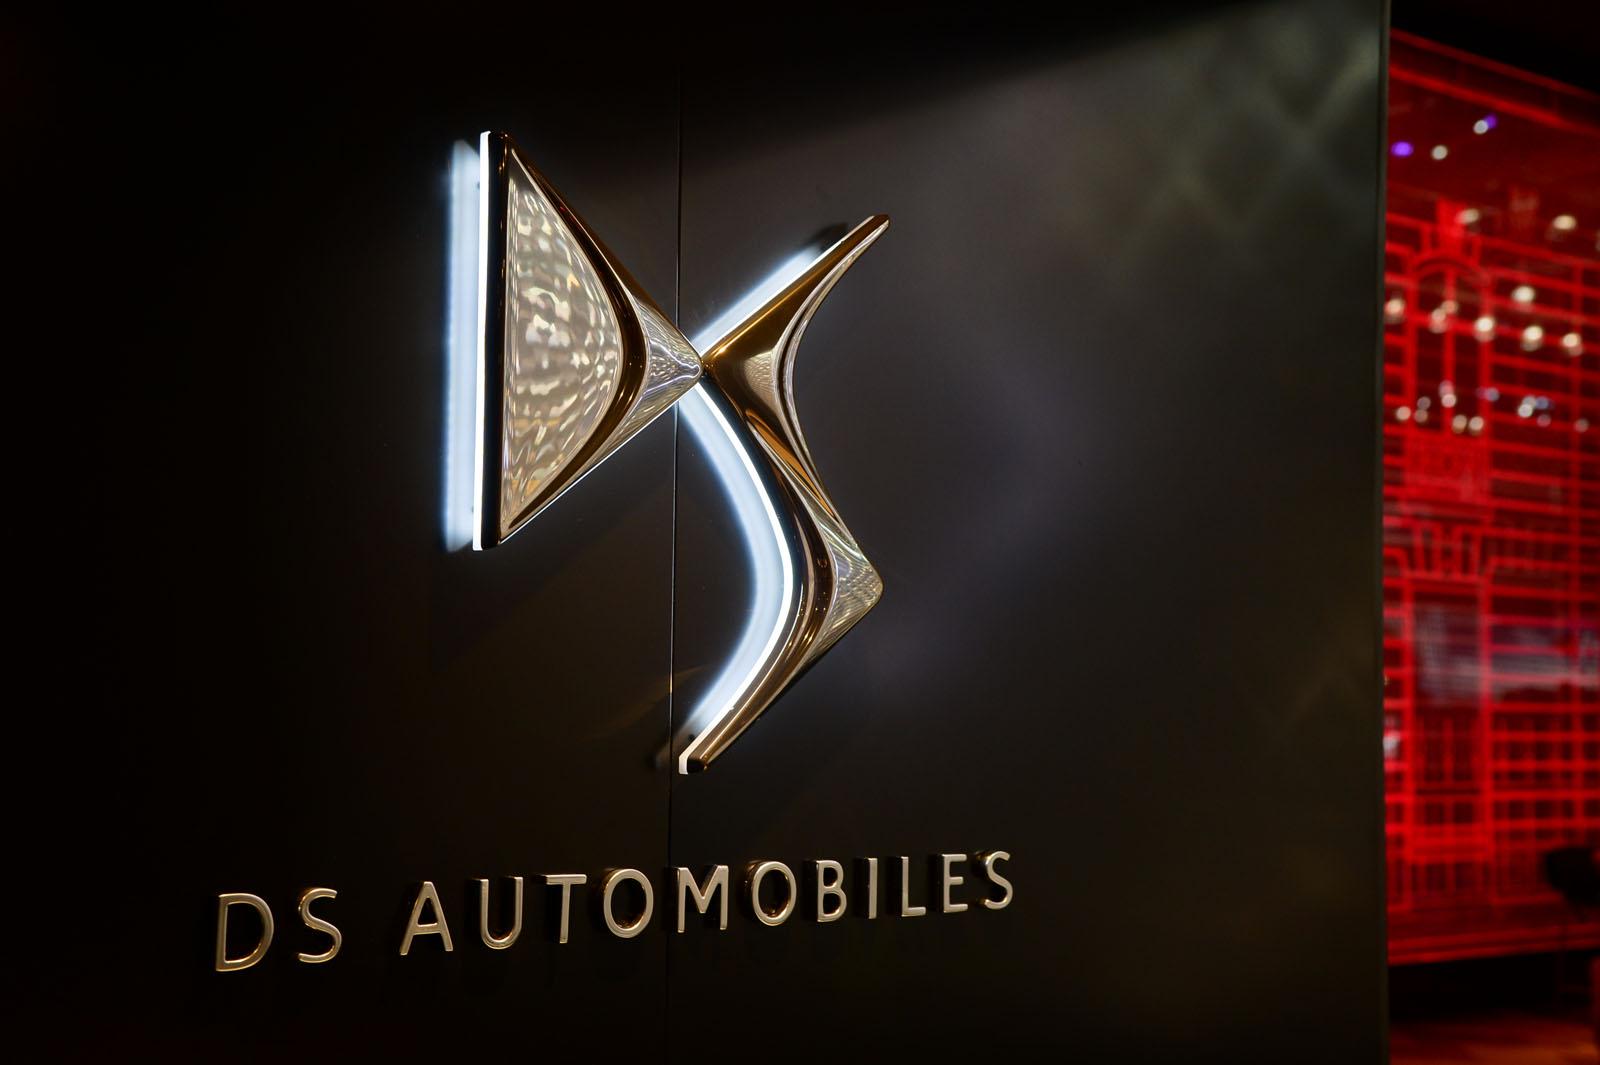 Ds Automobiles Au Salon De Gen 232 Ve 2015 L Esprit D Avant